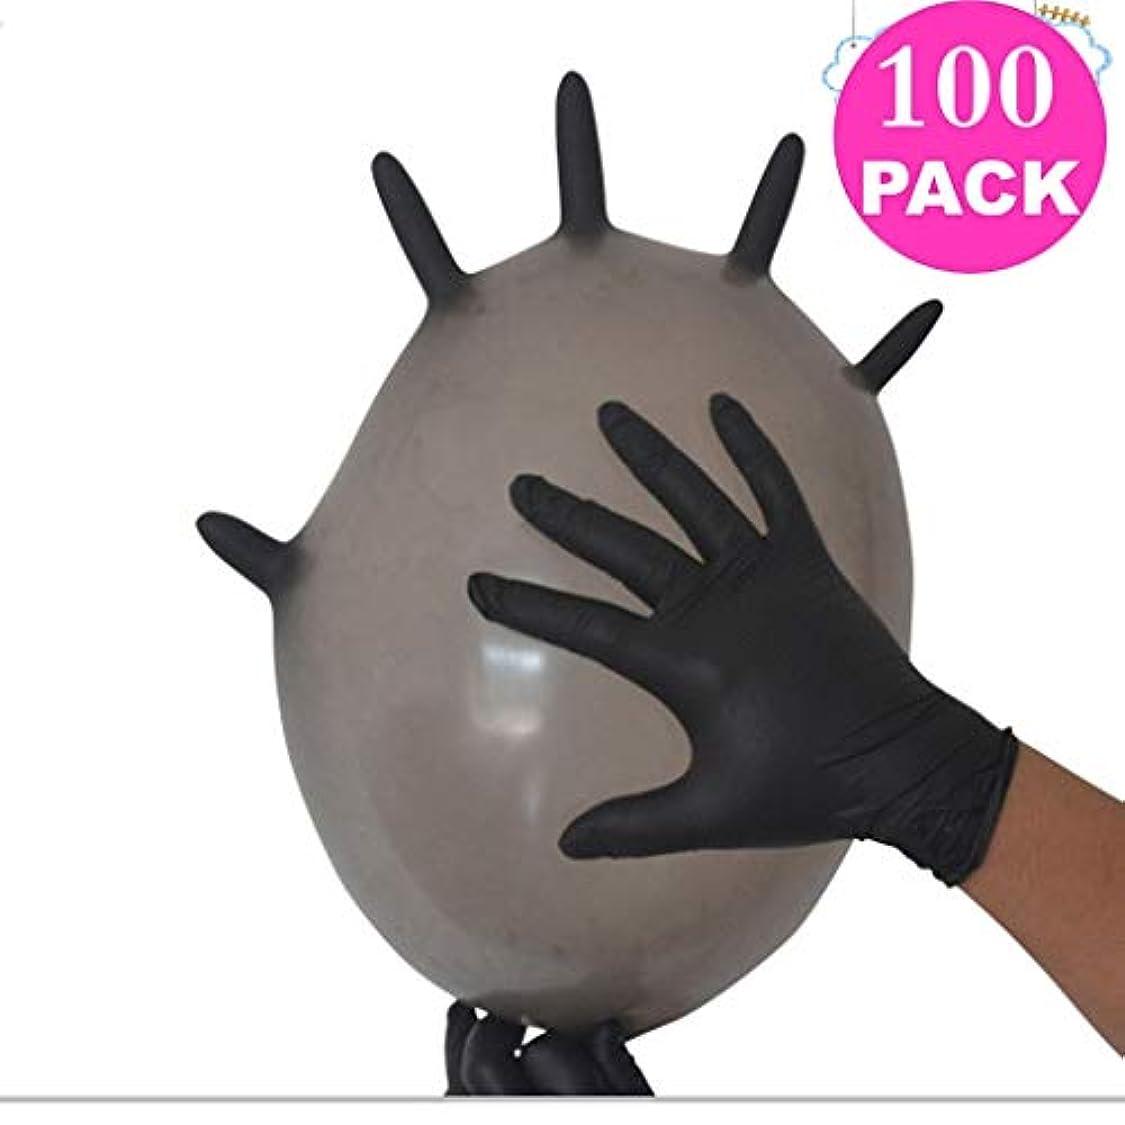 均等にパン屋実験室1パック使い捨て手袋ニトリルケータリング耐油試験用ラテックス外科gloves100 (Color : Black, Size : L)